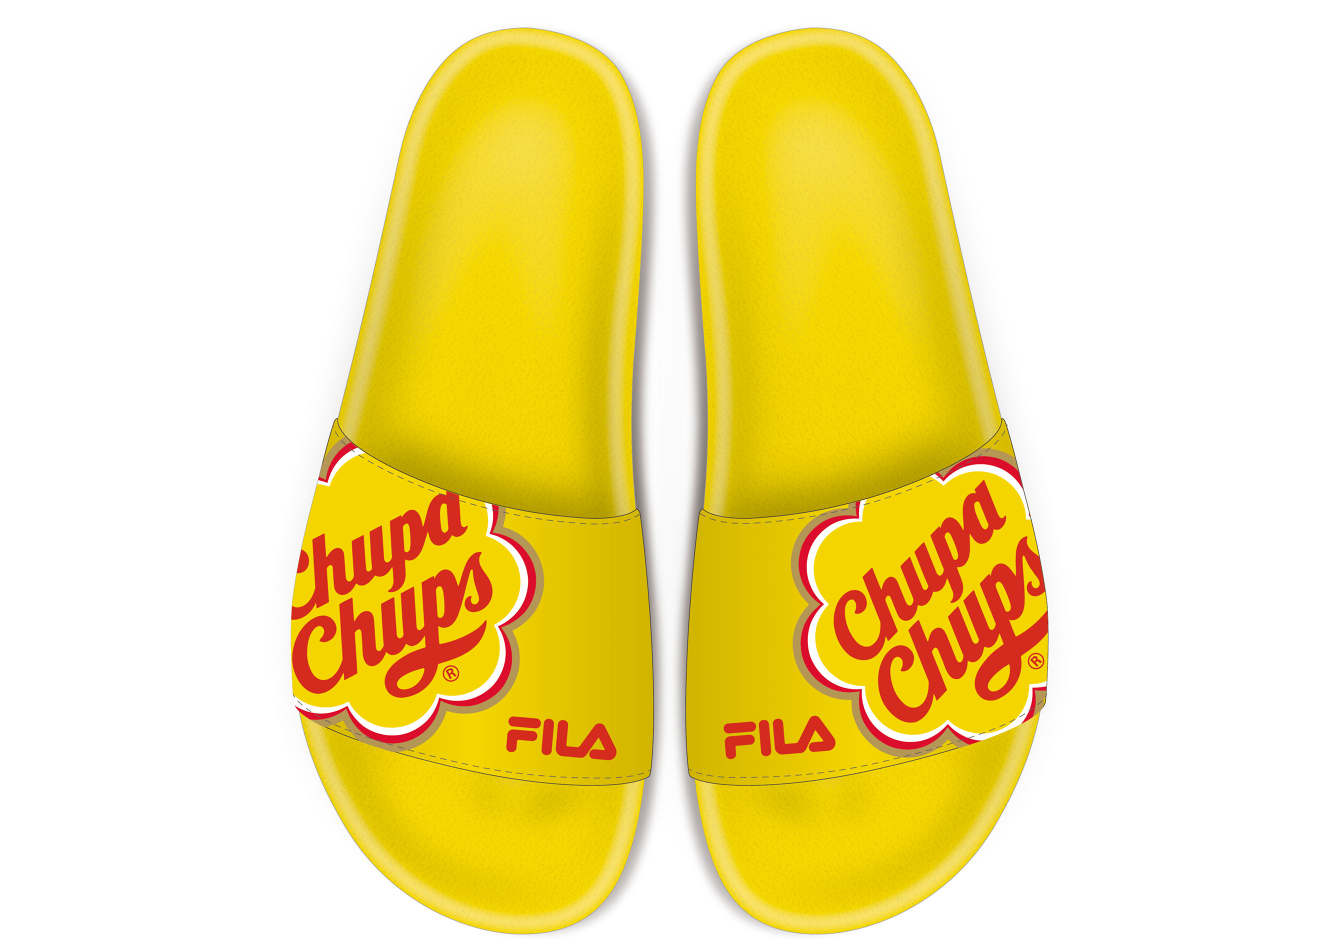 FILA X Chupa Chups] Drifter JooEun Design